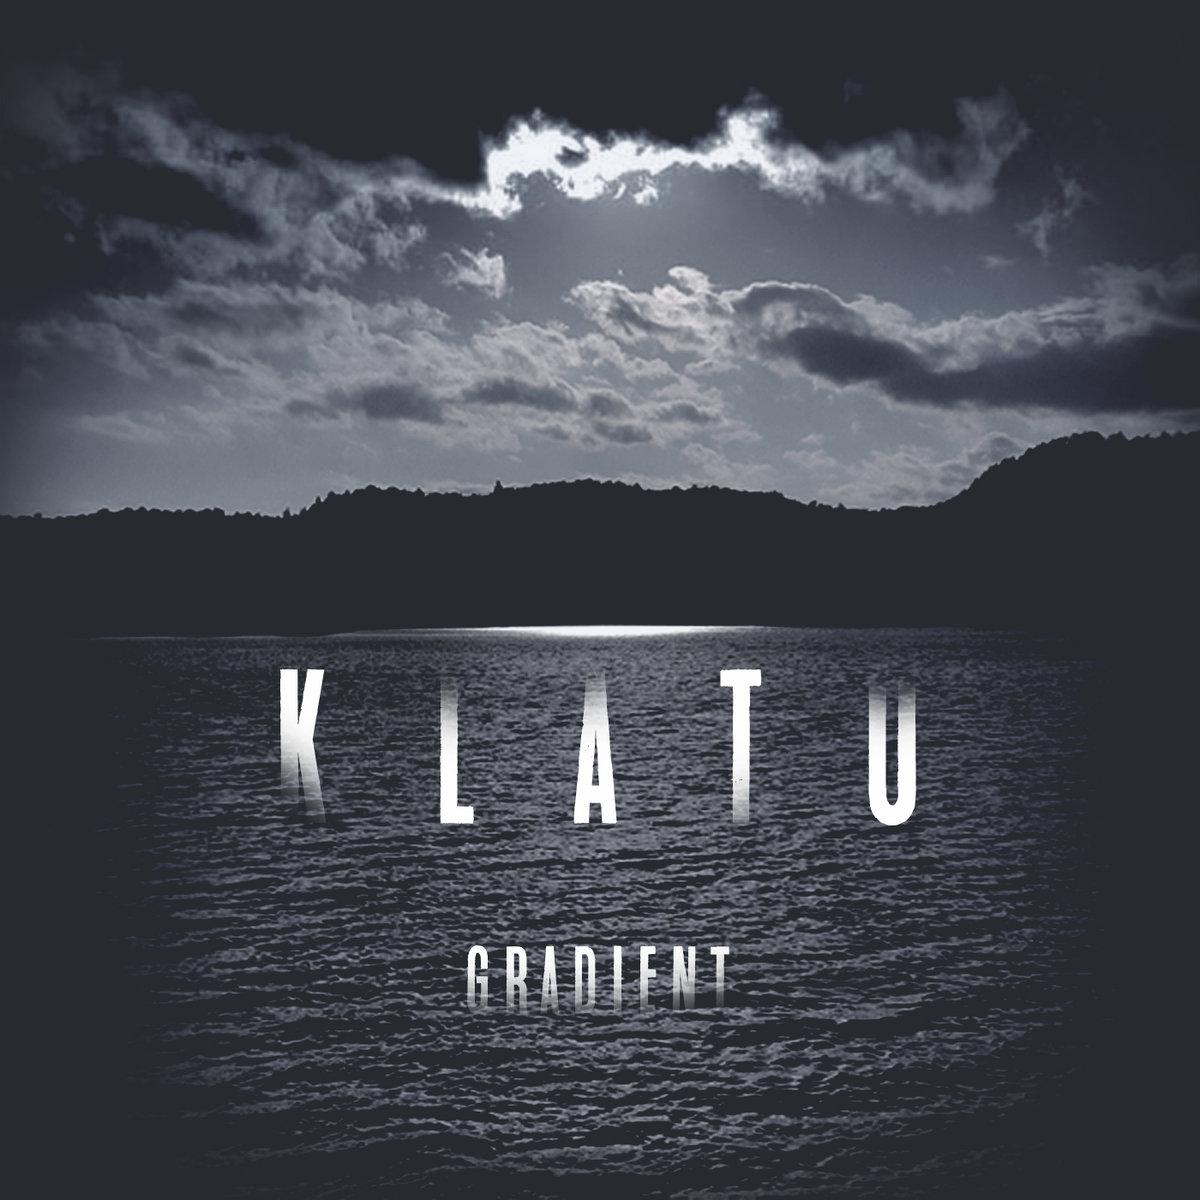 17. Klatu - Gradient